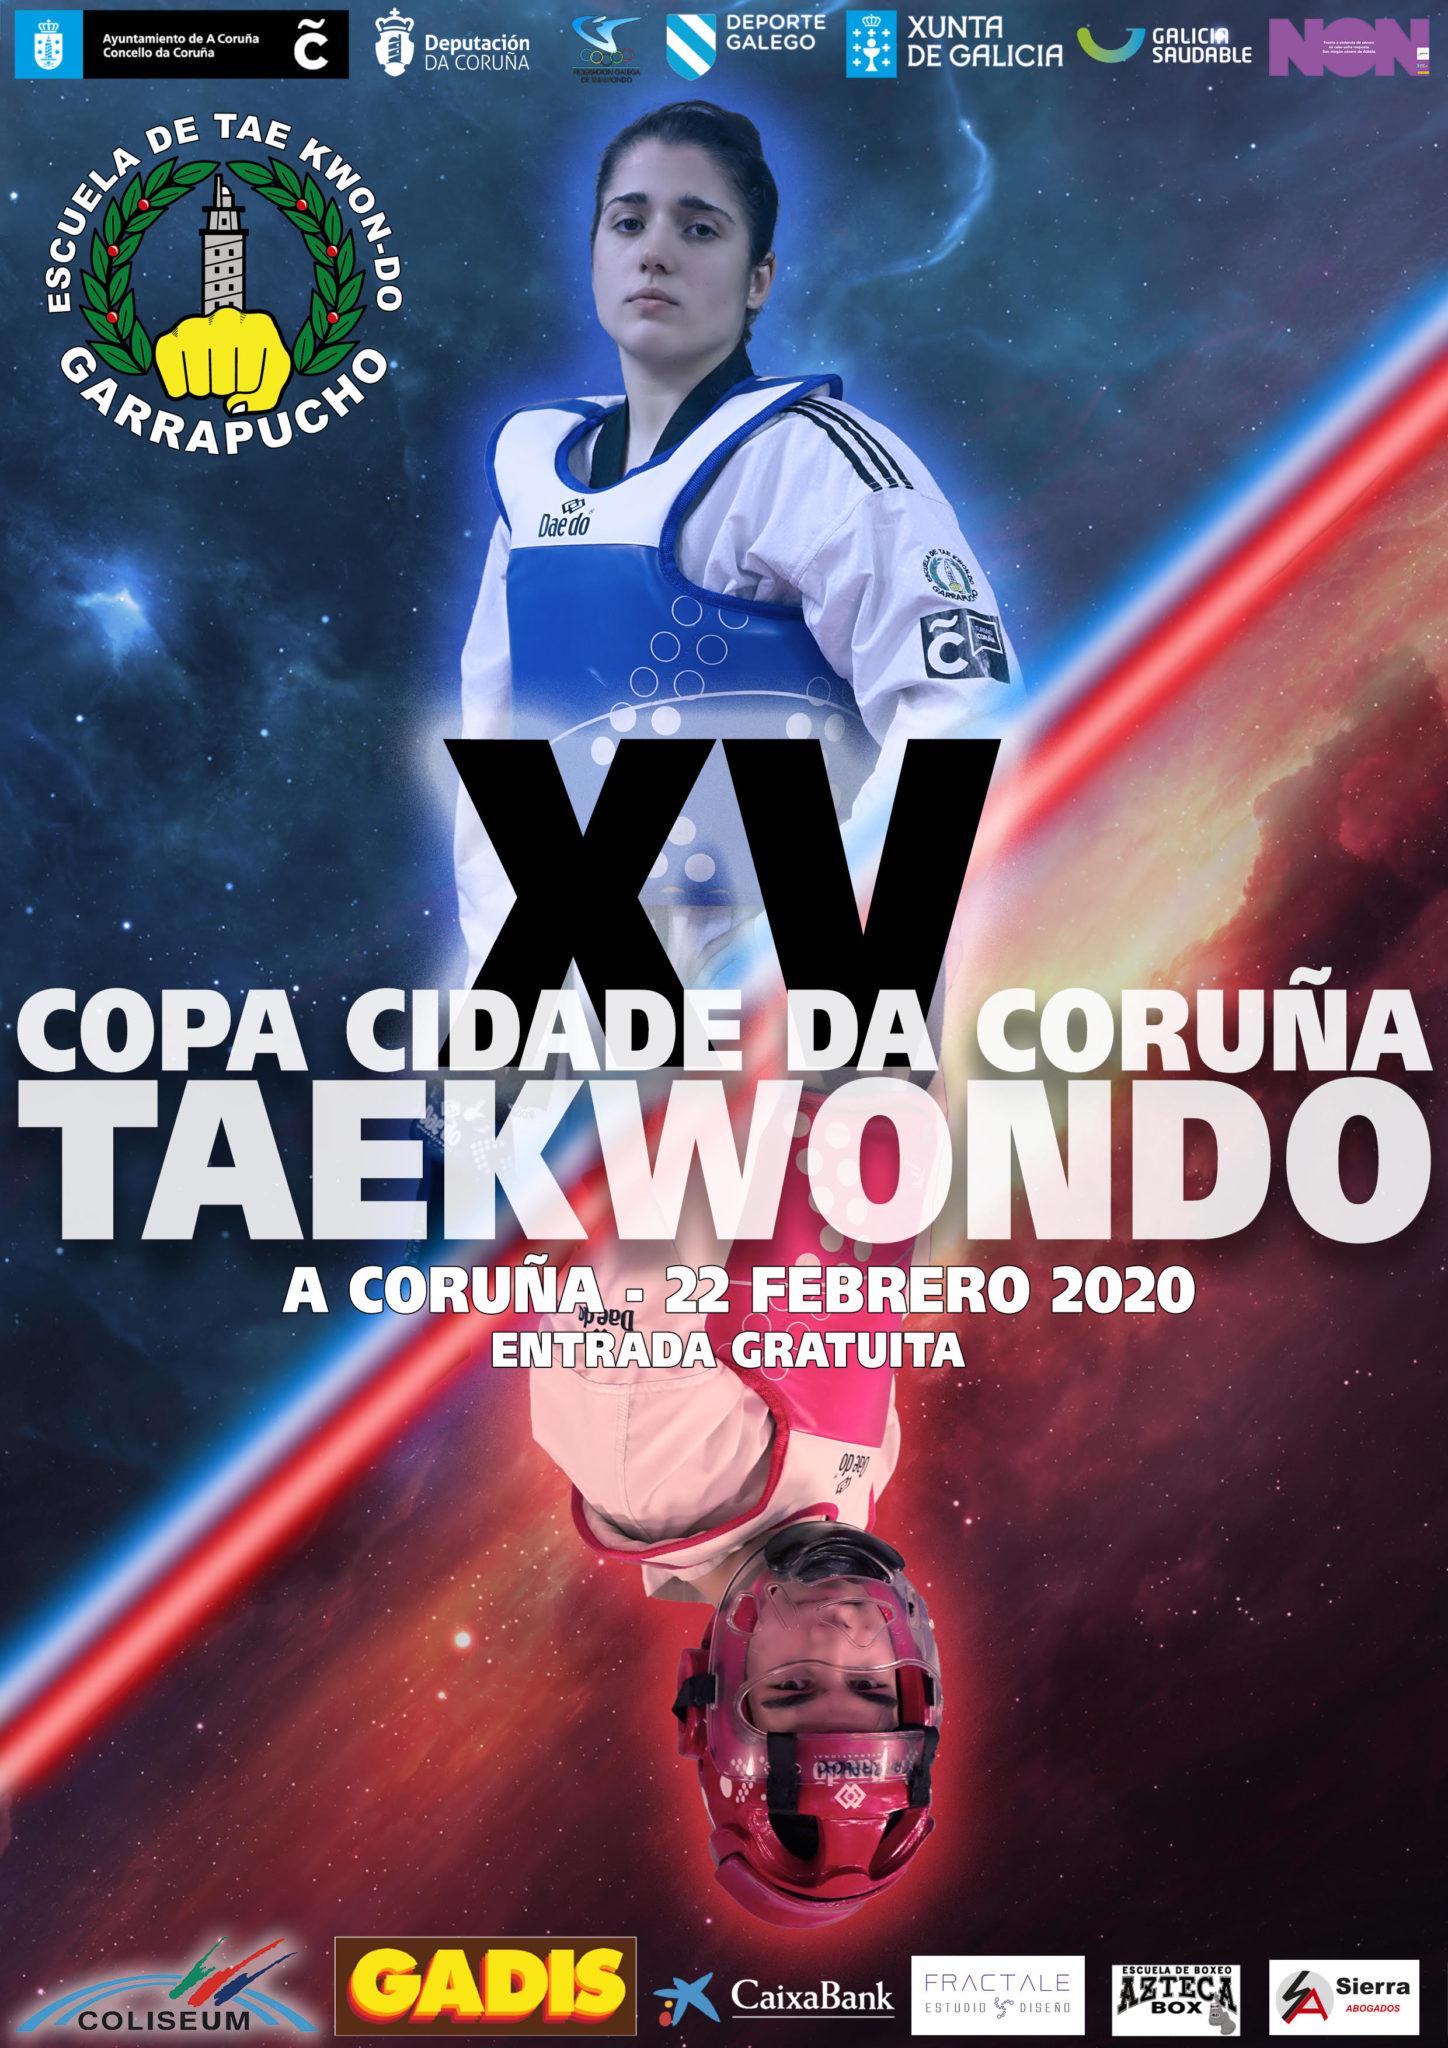 copa cidade da coruna taekwondo